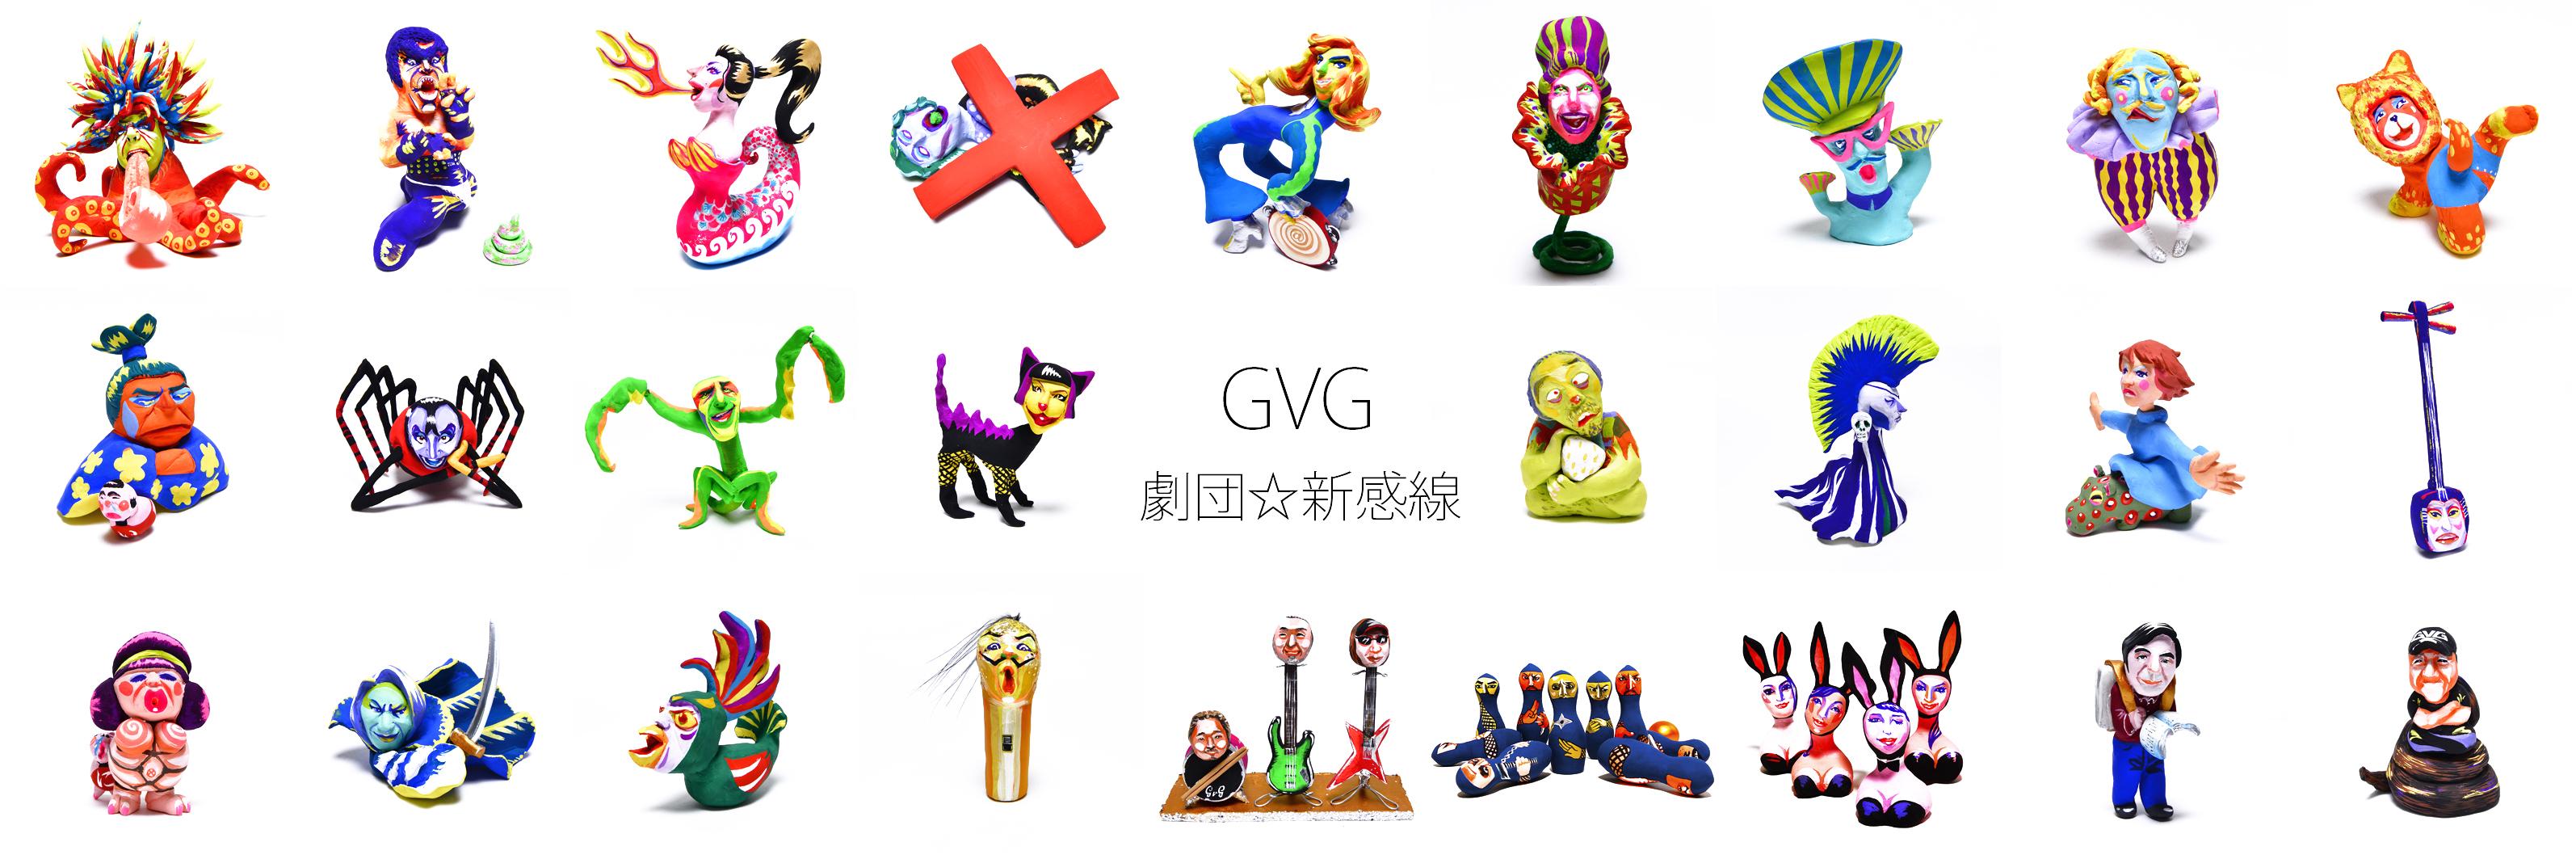 2015 劇団☆新感線 GVG